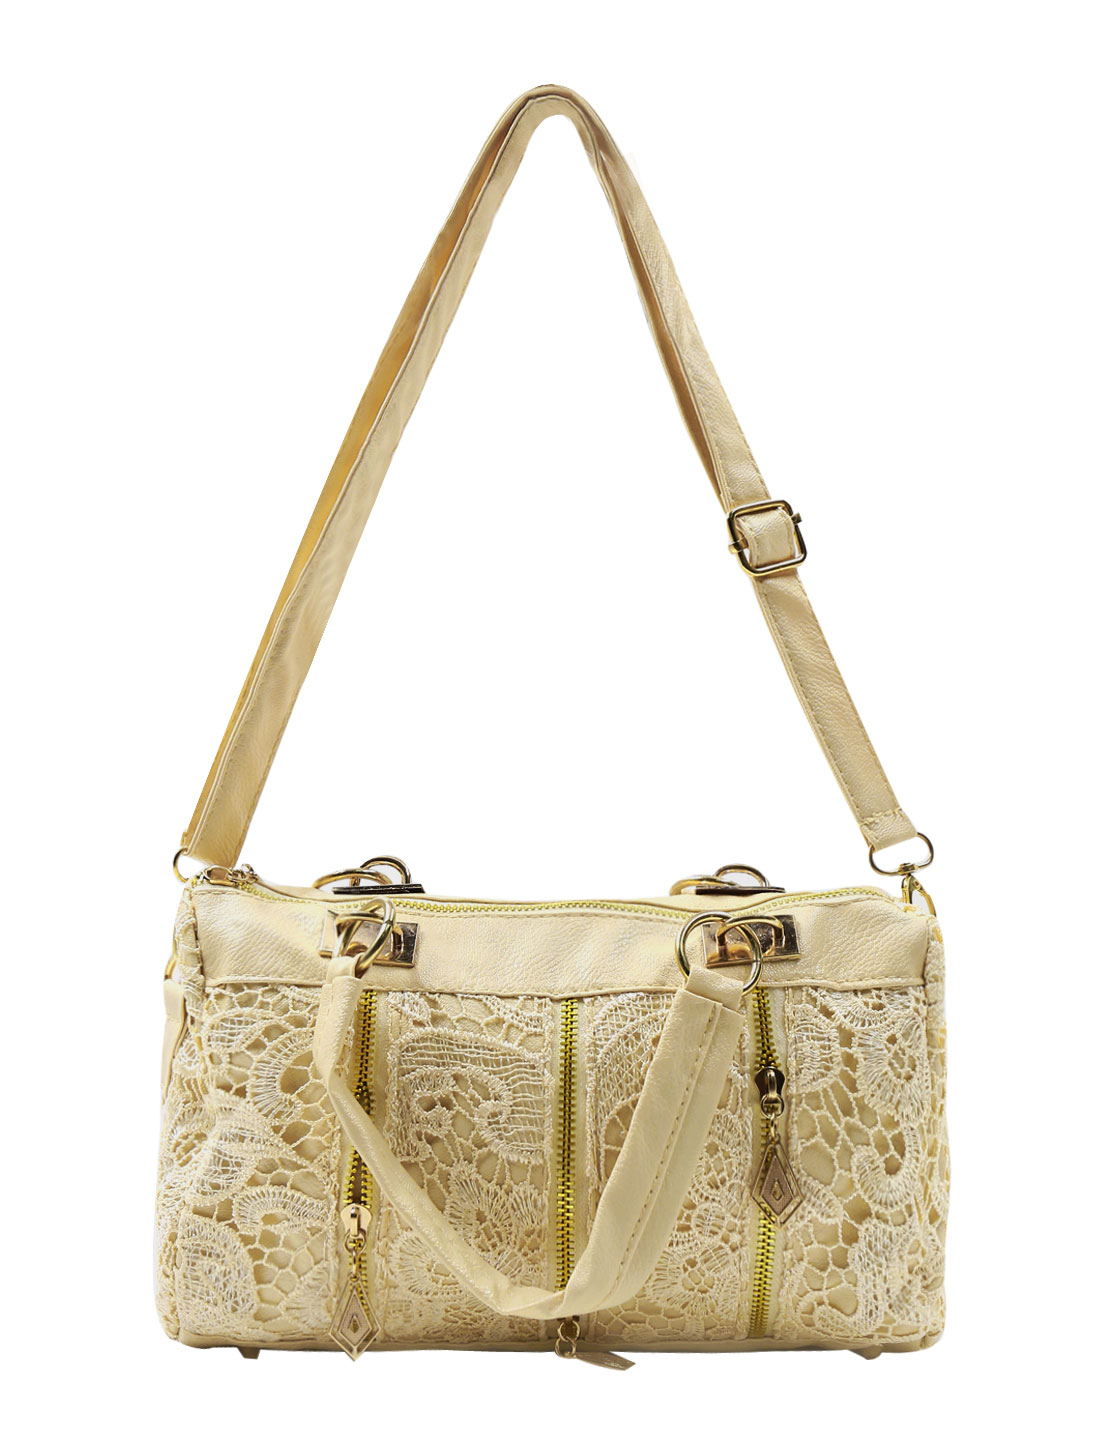 Woman Floral Design Lace Panel Zipper Decor Textured Faux Leather Tote Beige